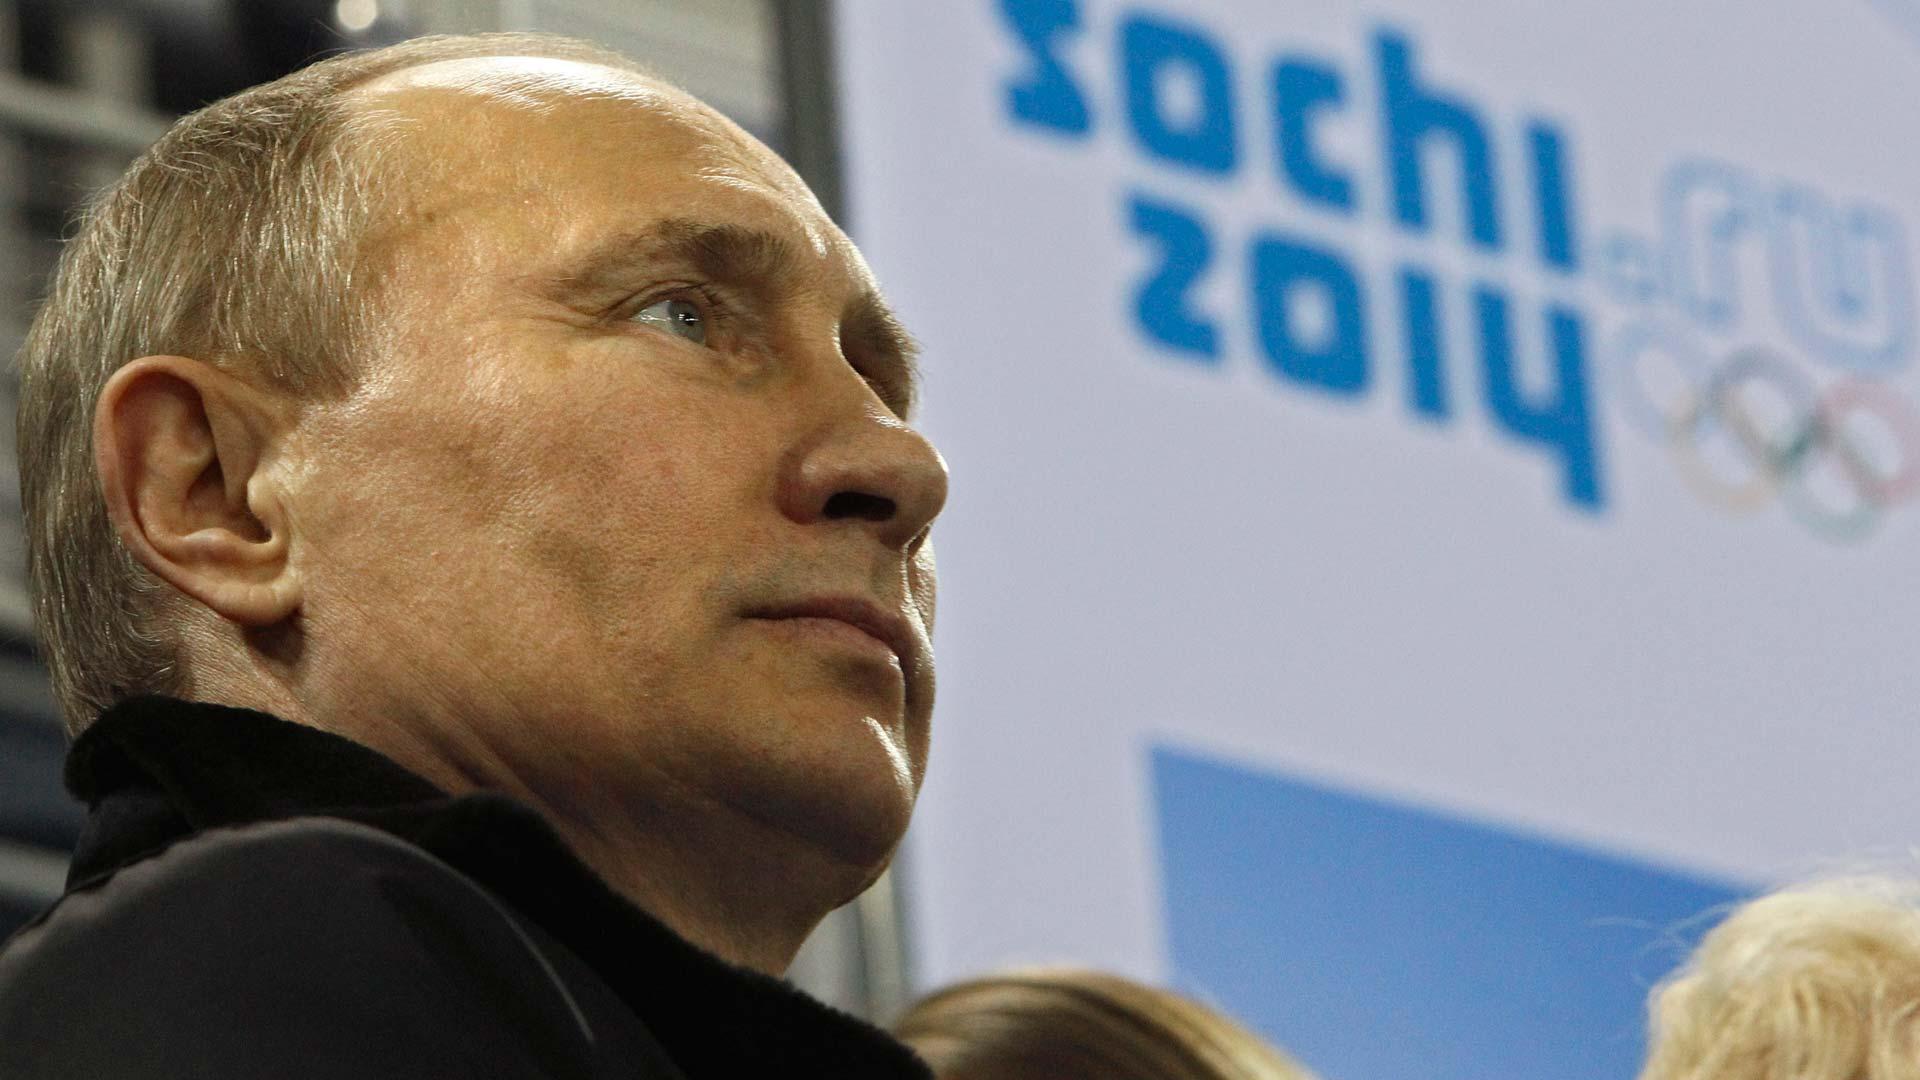 Vladimir-Putin-010314-FTR-AP.jpg